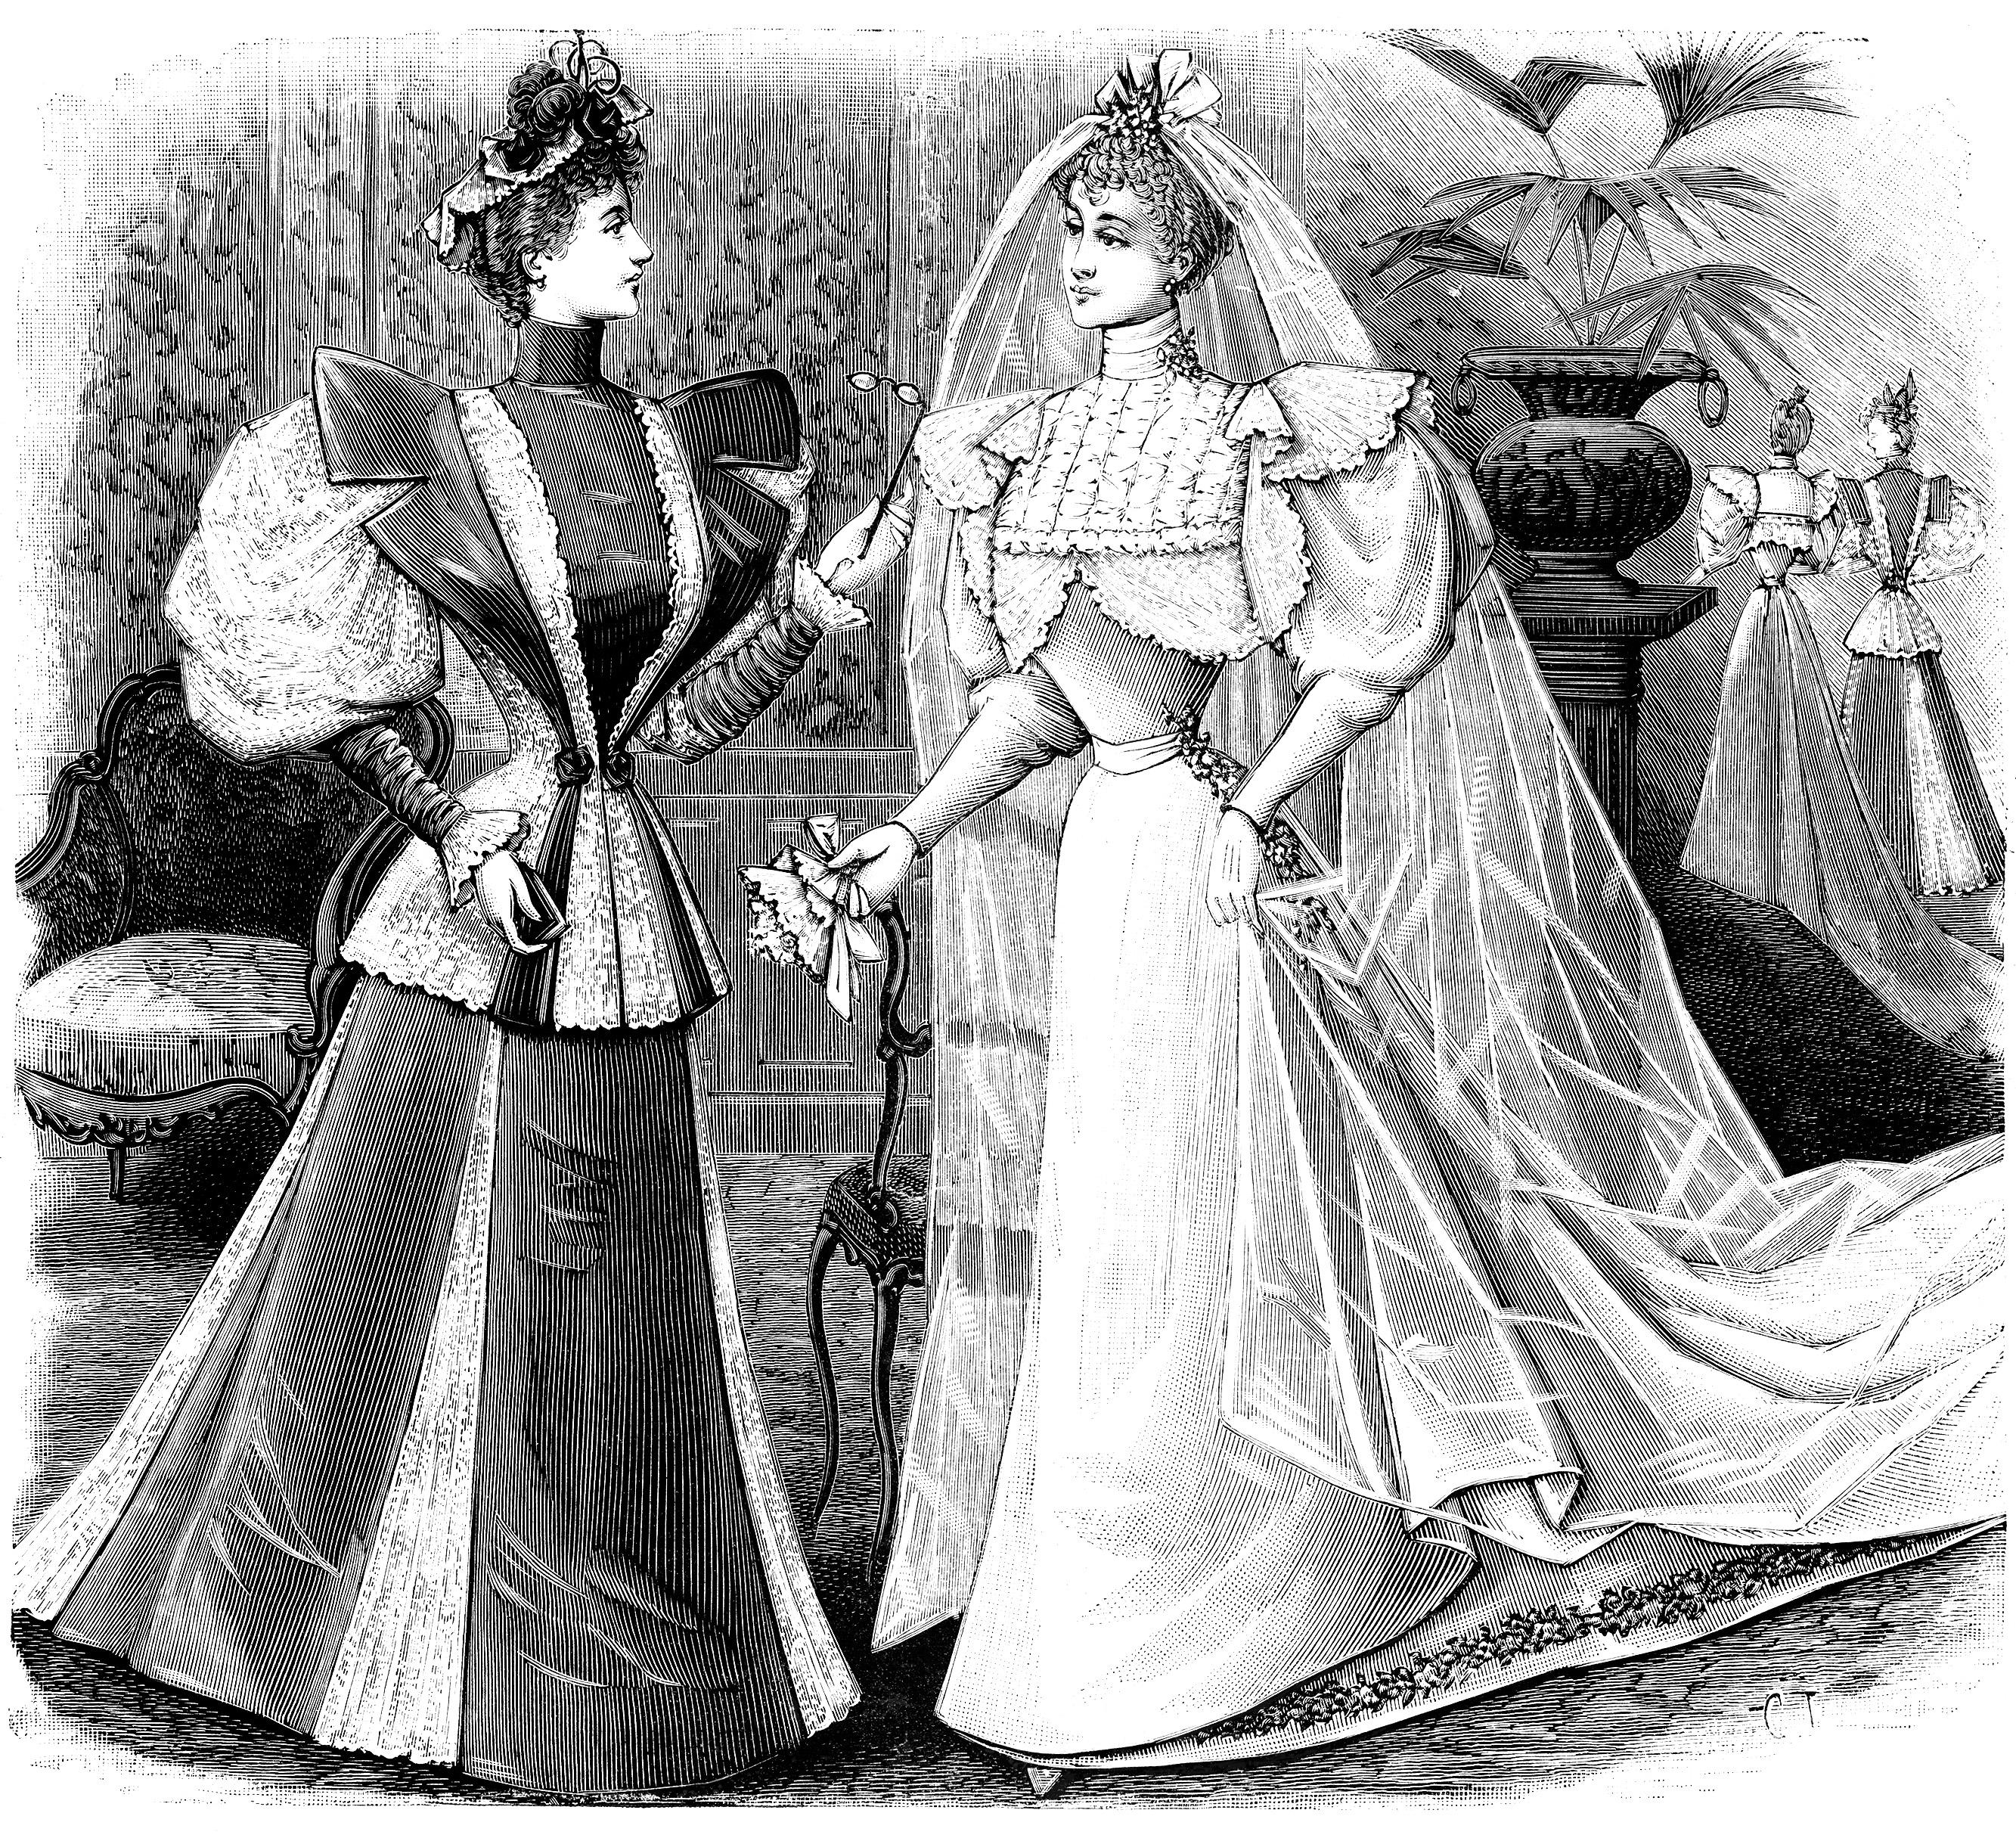 vintage bride, antique bride engraving, French bride illustration, free vintage image, old fashioned wedding graphics, vintage wedding clip art